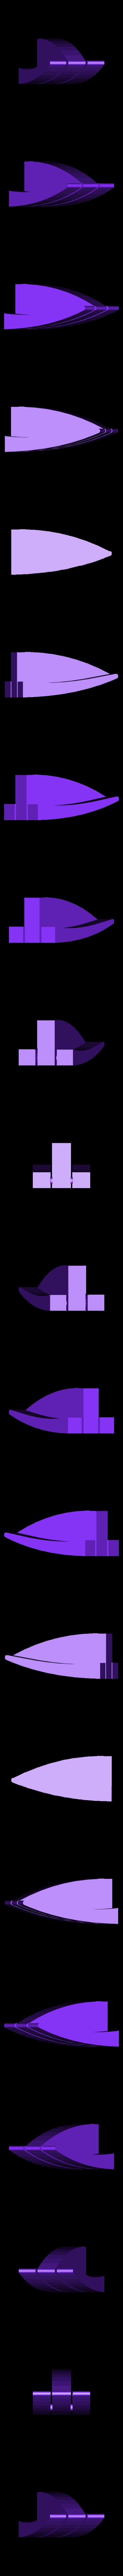 essai contre goutte.stl Download free STL file STRATI • 3D printer template, DJER